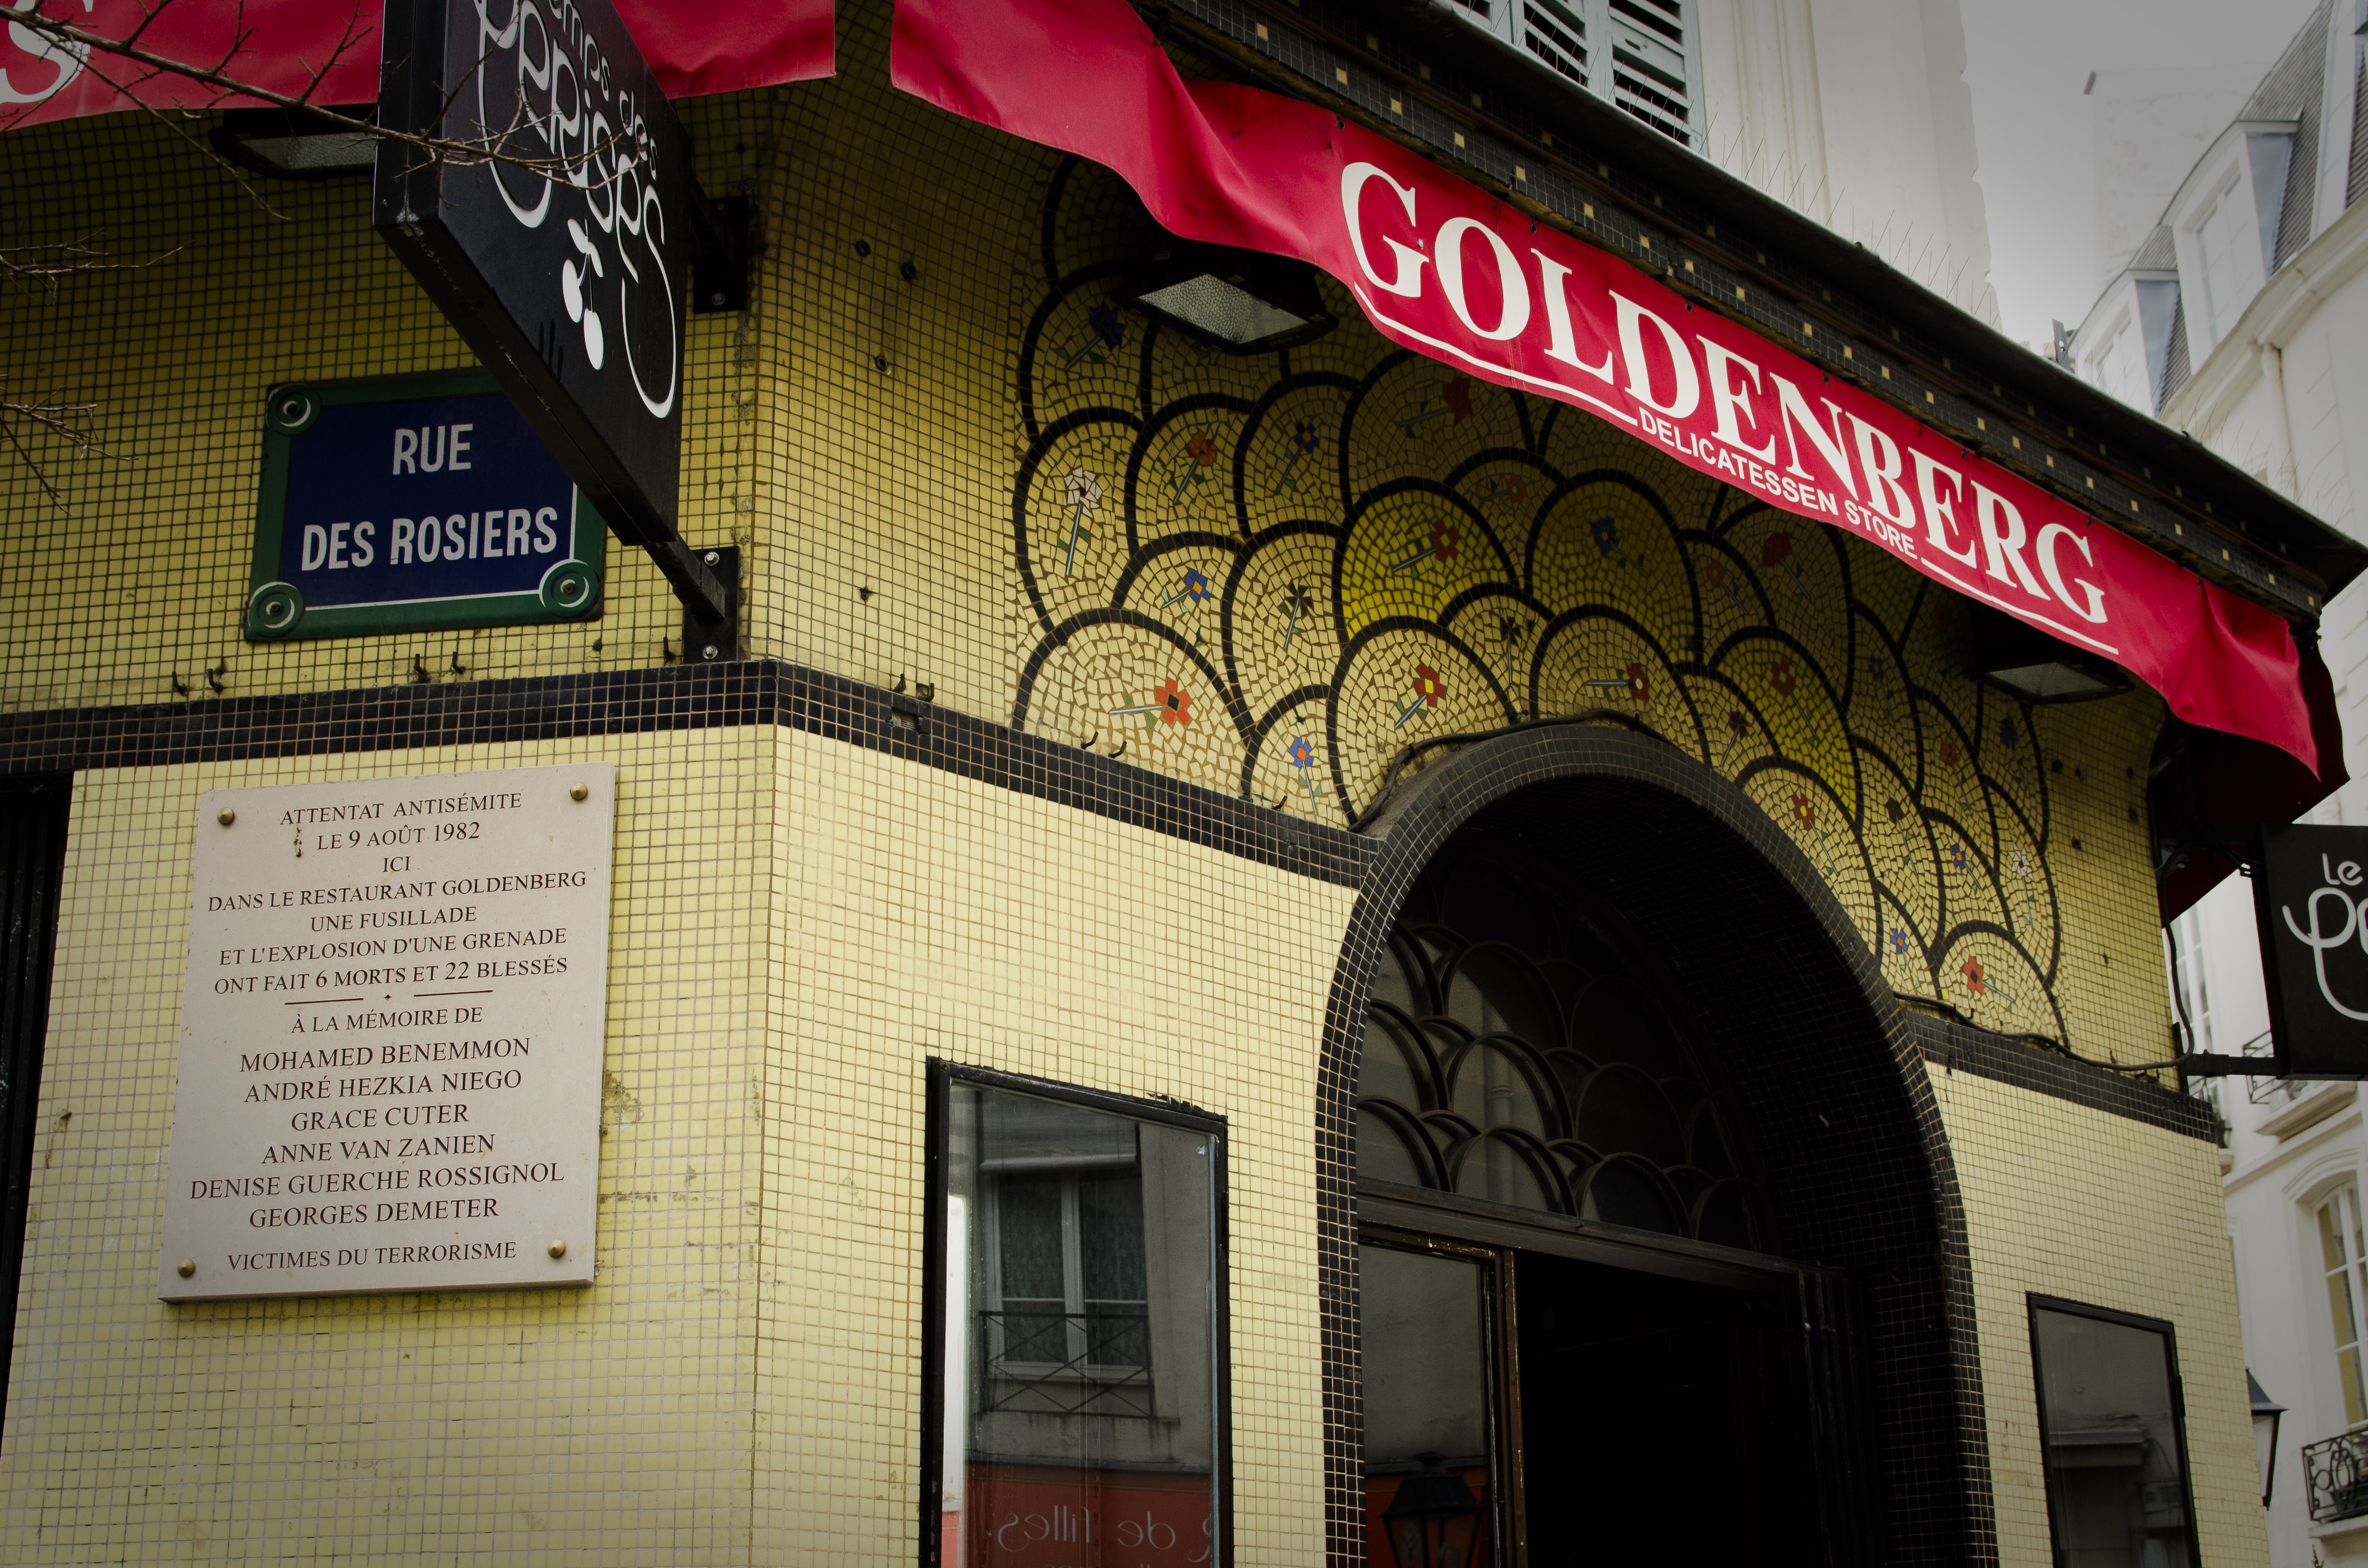 La devanture de l'ancien restaurant Jo Goldenberg de la rue des Rosiers en 2015 (Florian Maussion / 3millions7)